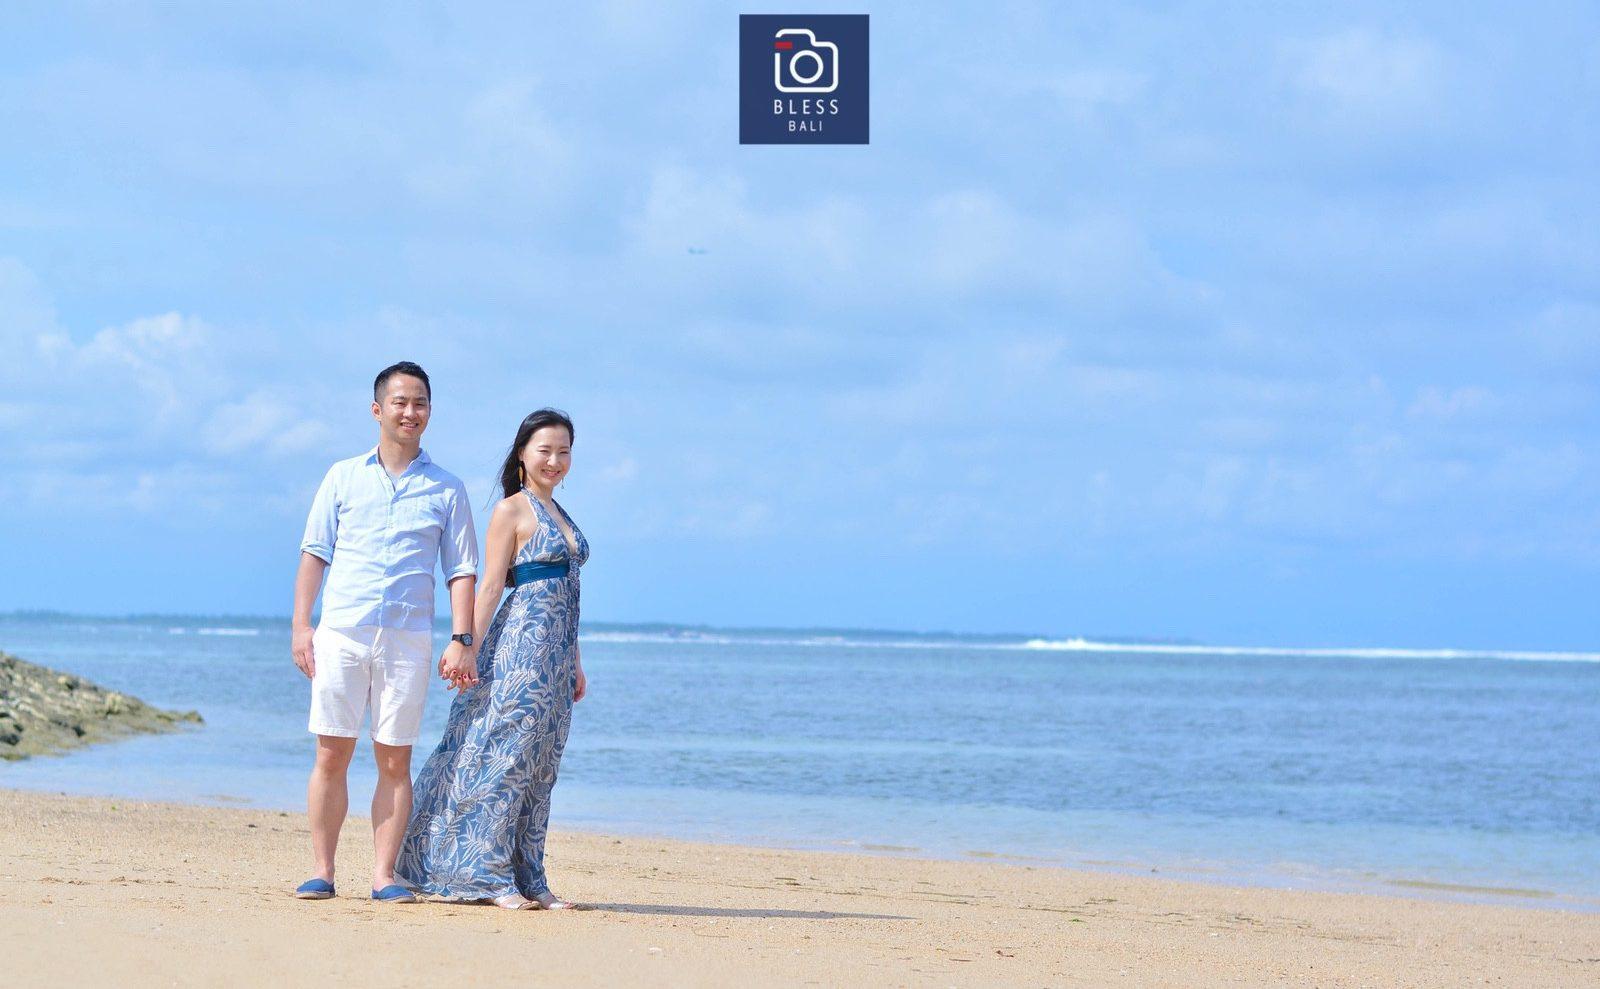 【お客様レポ#182】ブルーのドレスが素敵なリゾートフォトツアーY&Y様(13枚)